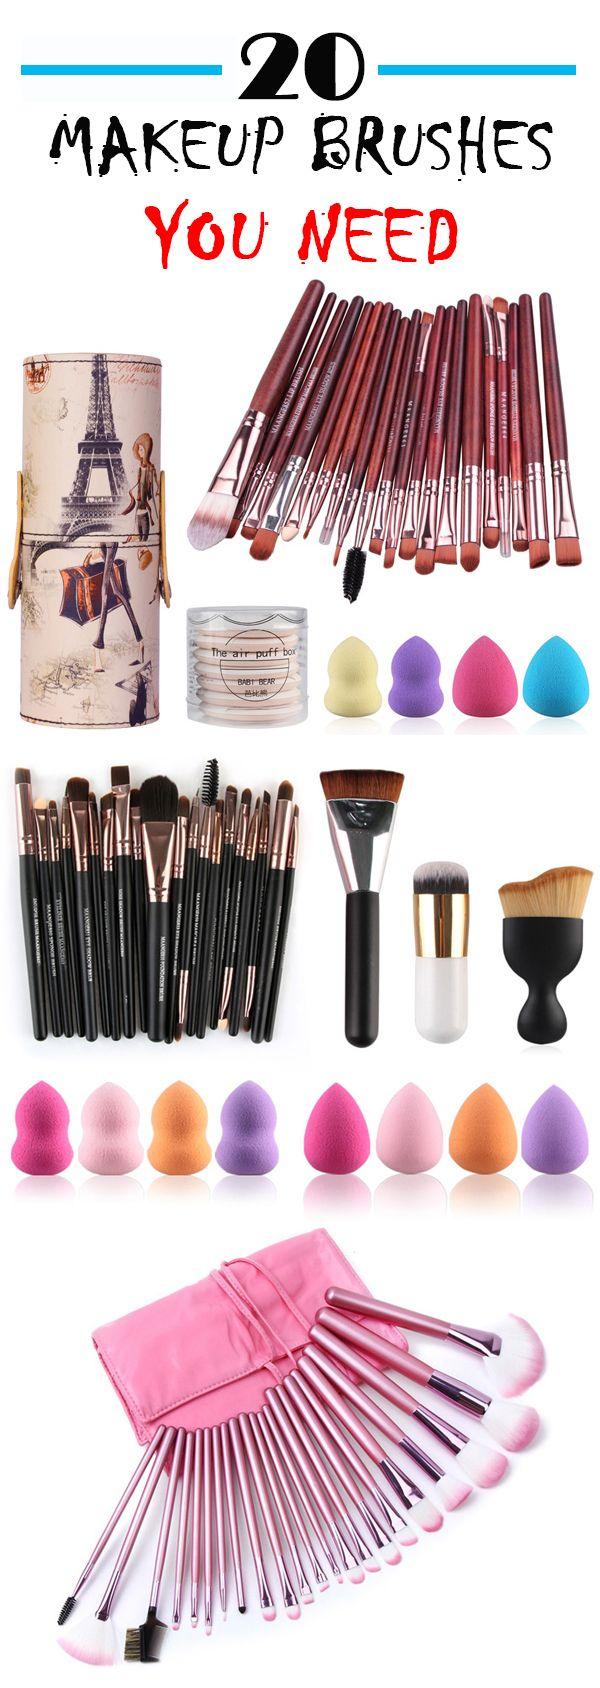 20 Pcs Makeup Brushes Set Makeup brushes, Pretty makeup